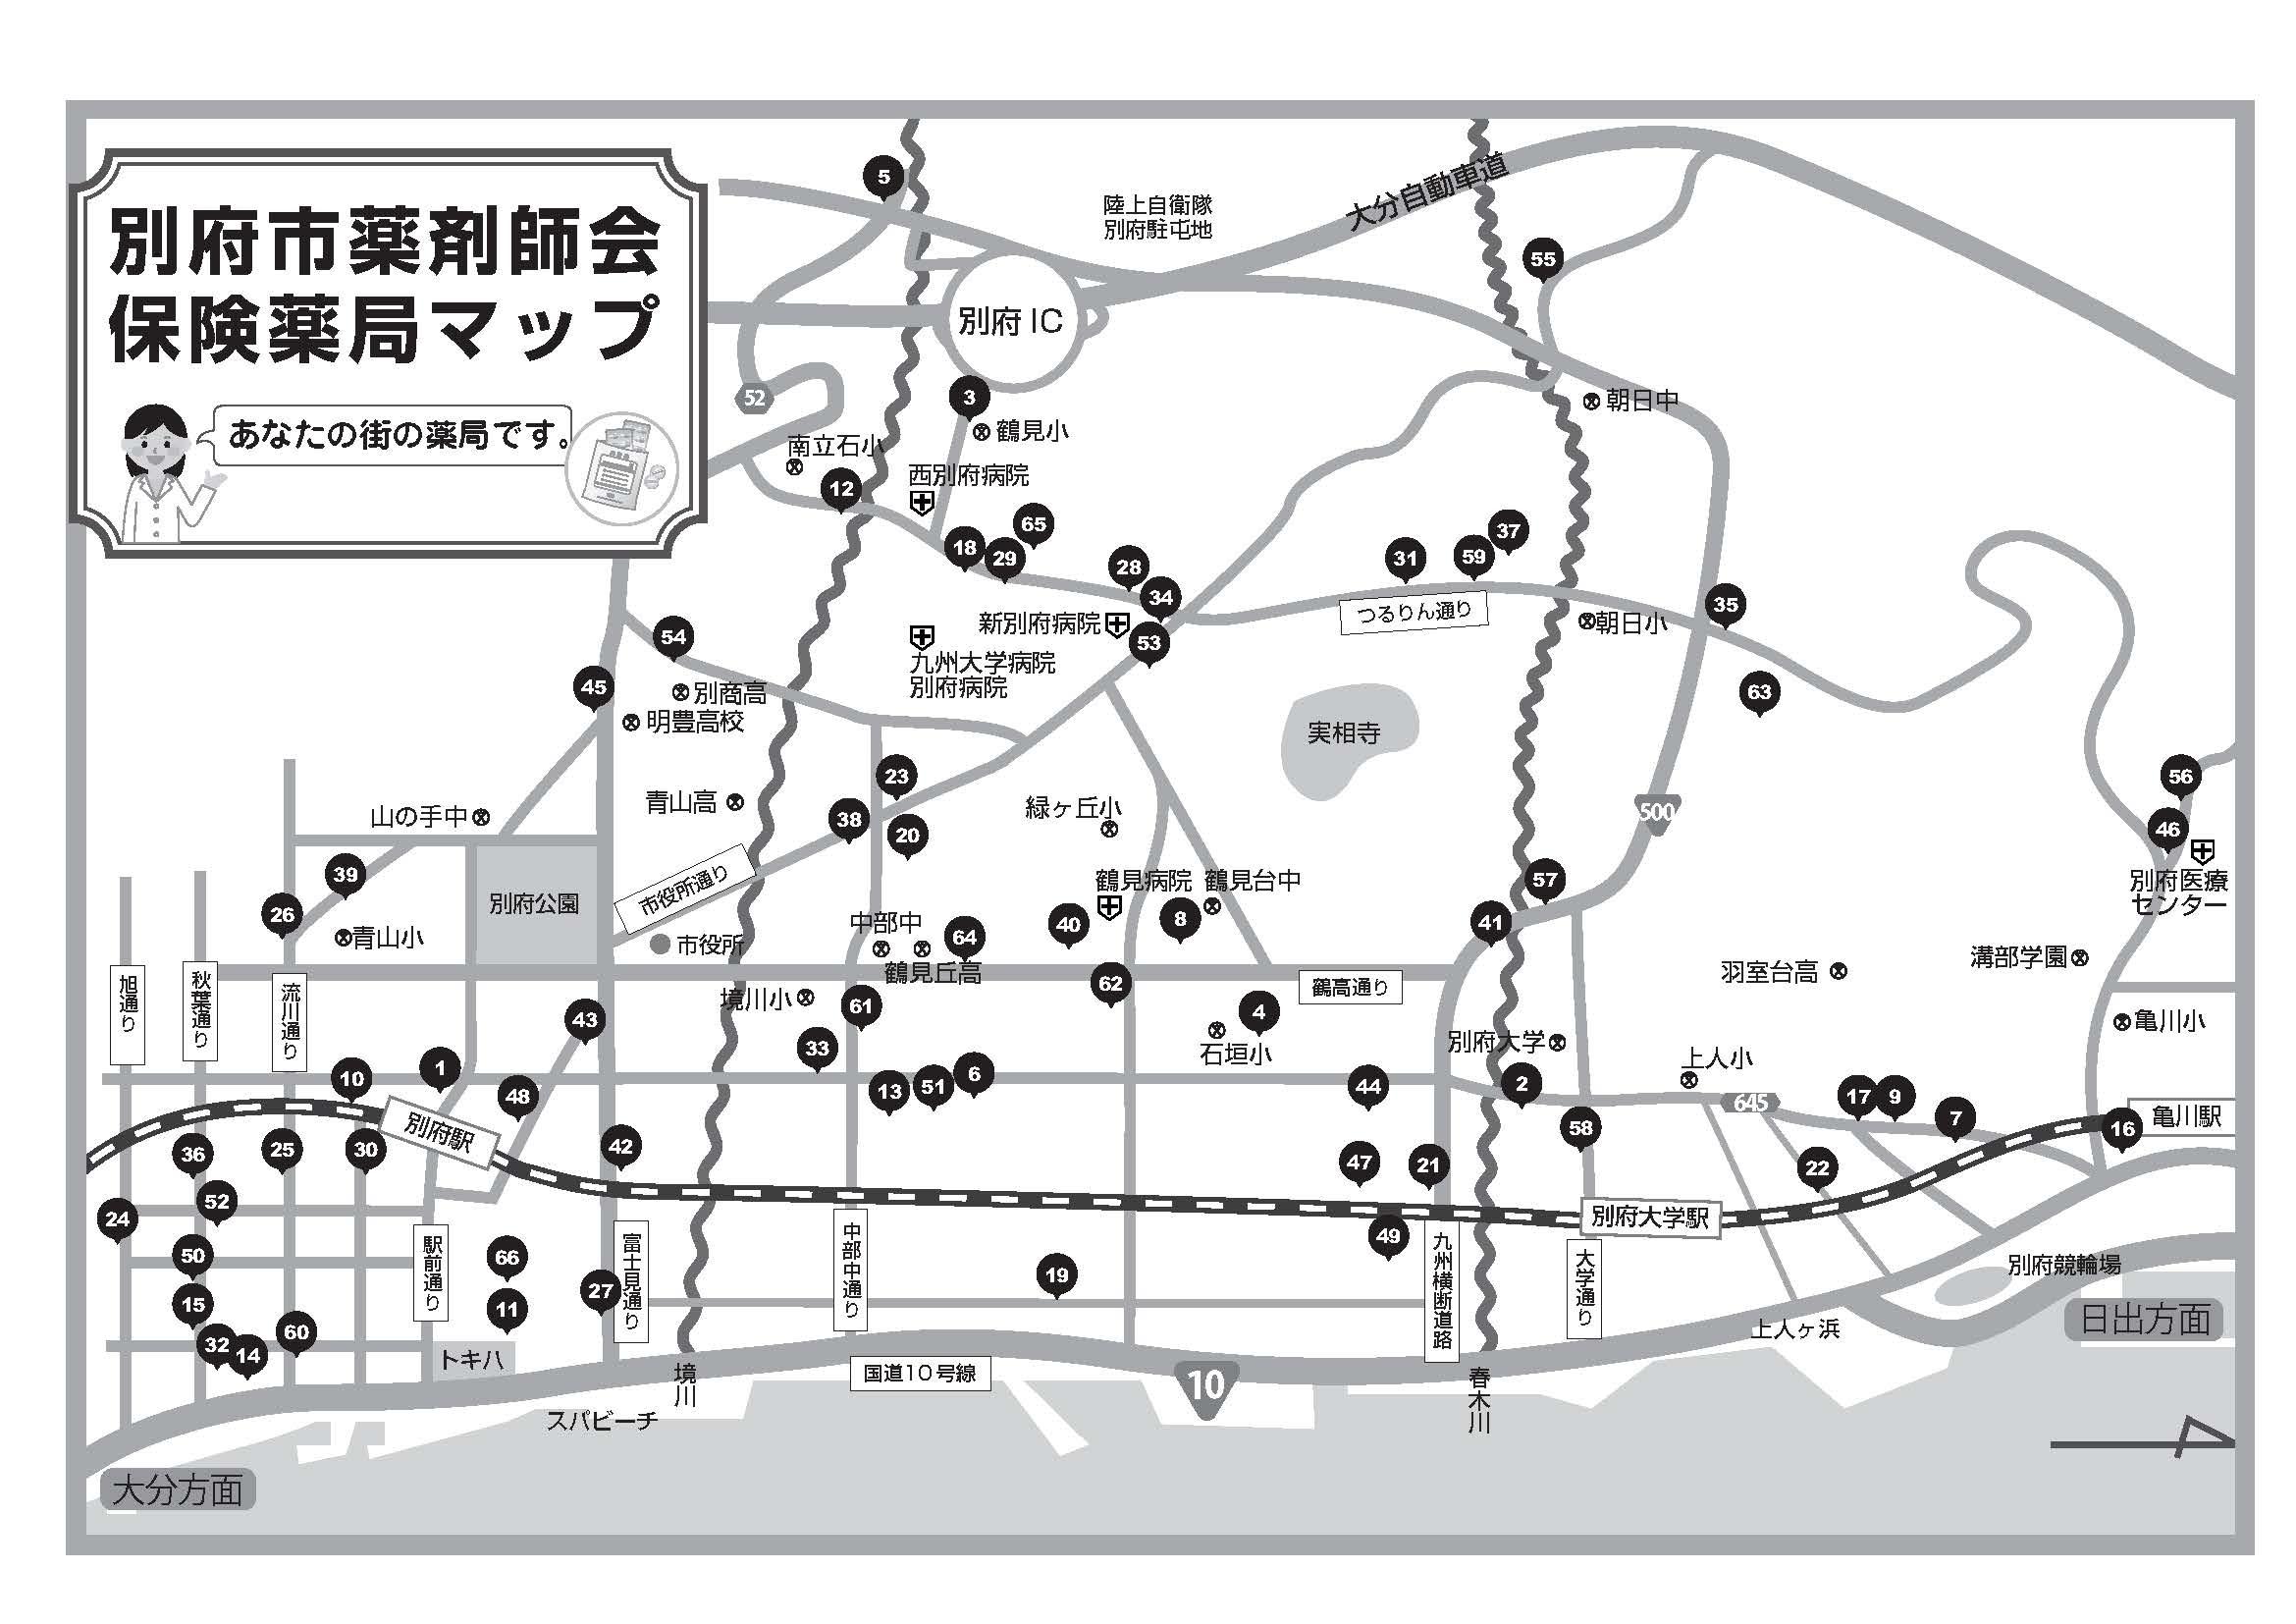 薬剤師会地図20150120_ページ_1